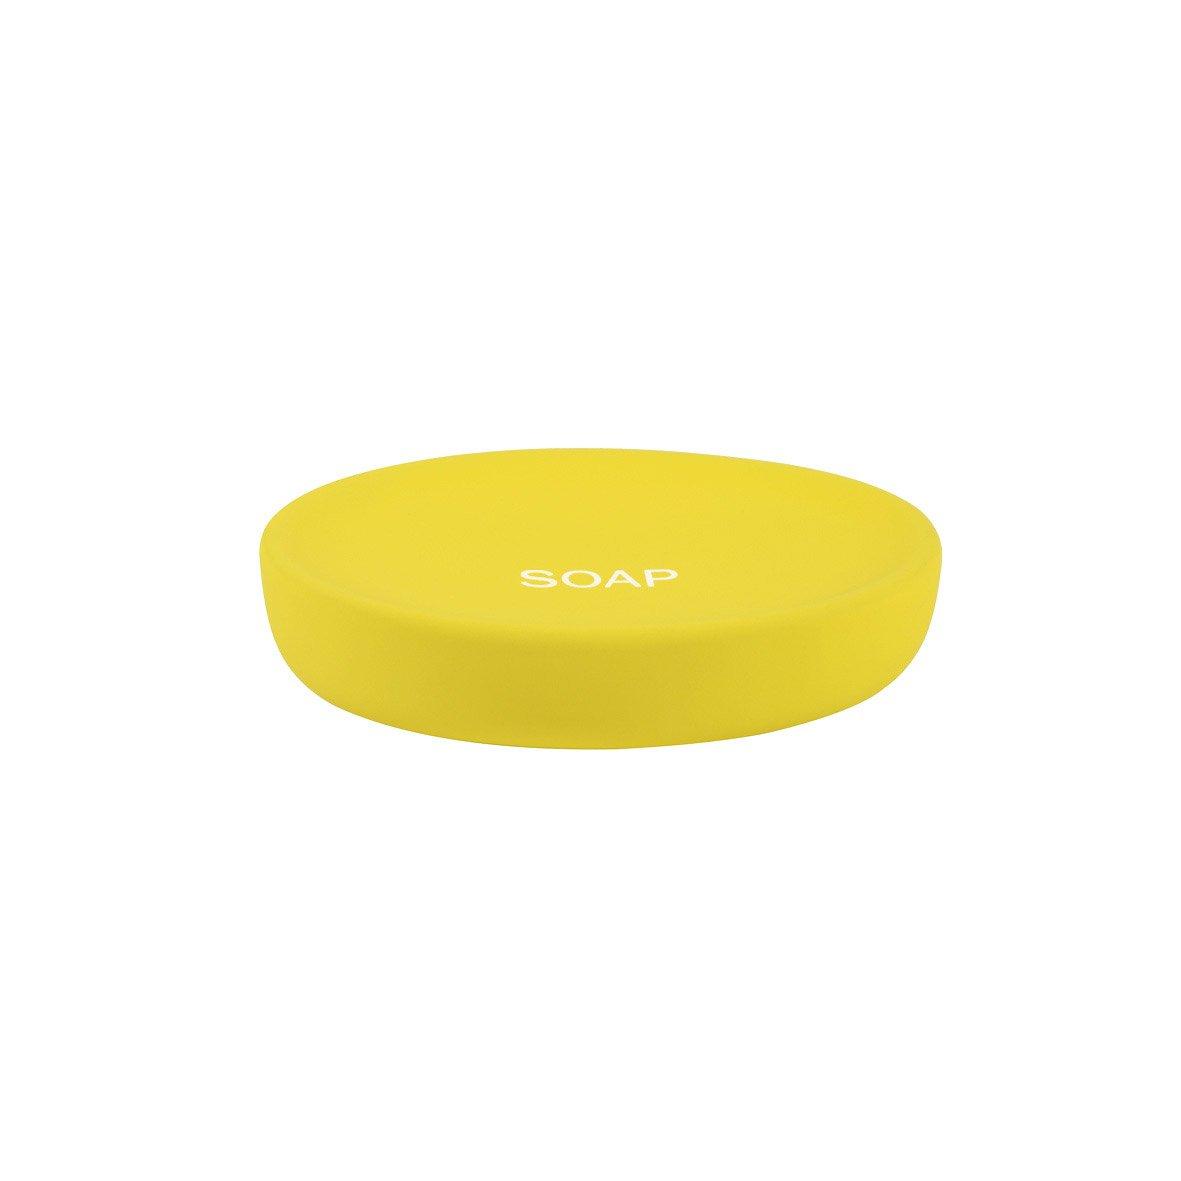 Porte-savon céramique Bubble gum, banana n°4